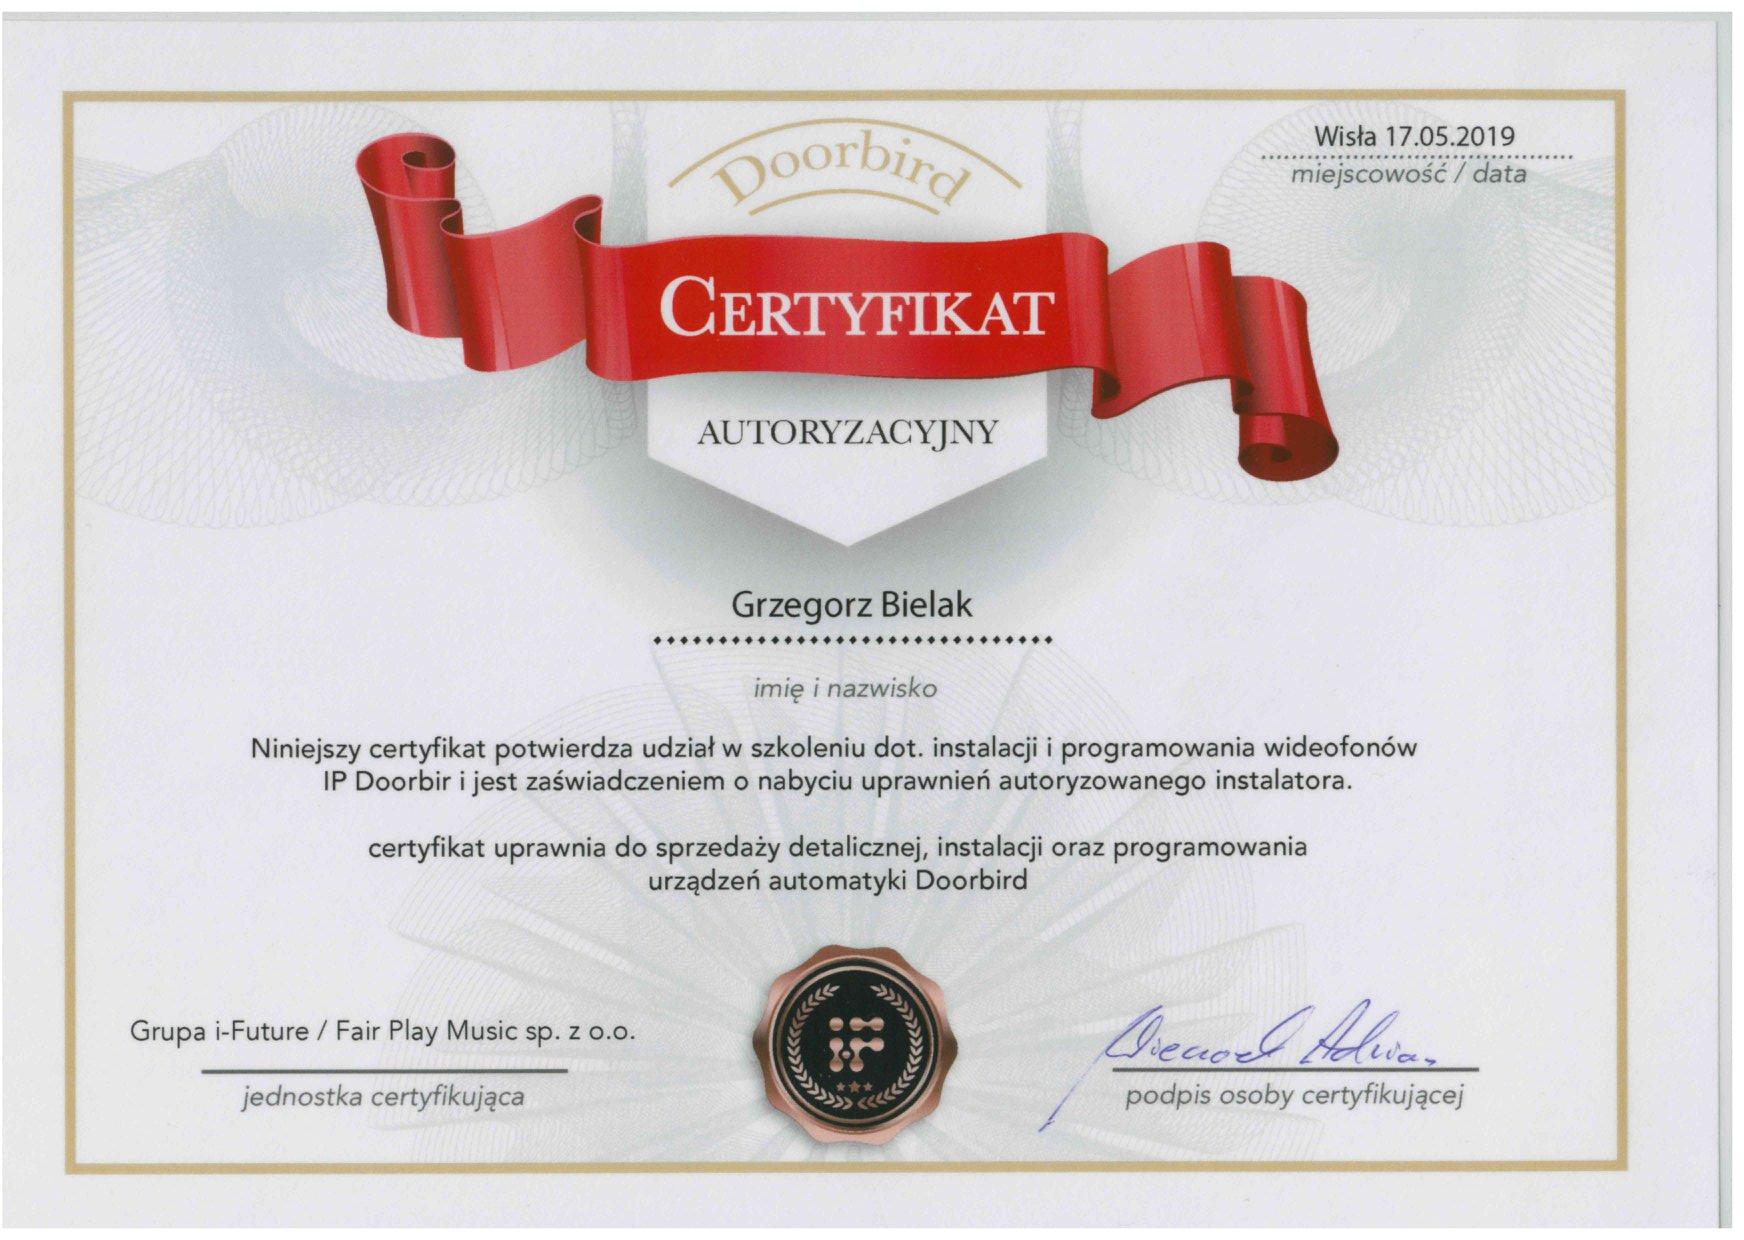 Certyfikat szkolenia dotyczącego instalacji i programowania wideofonów sieciowych DERSO IP